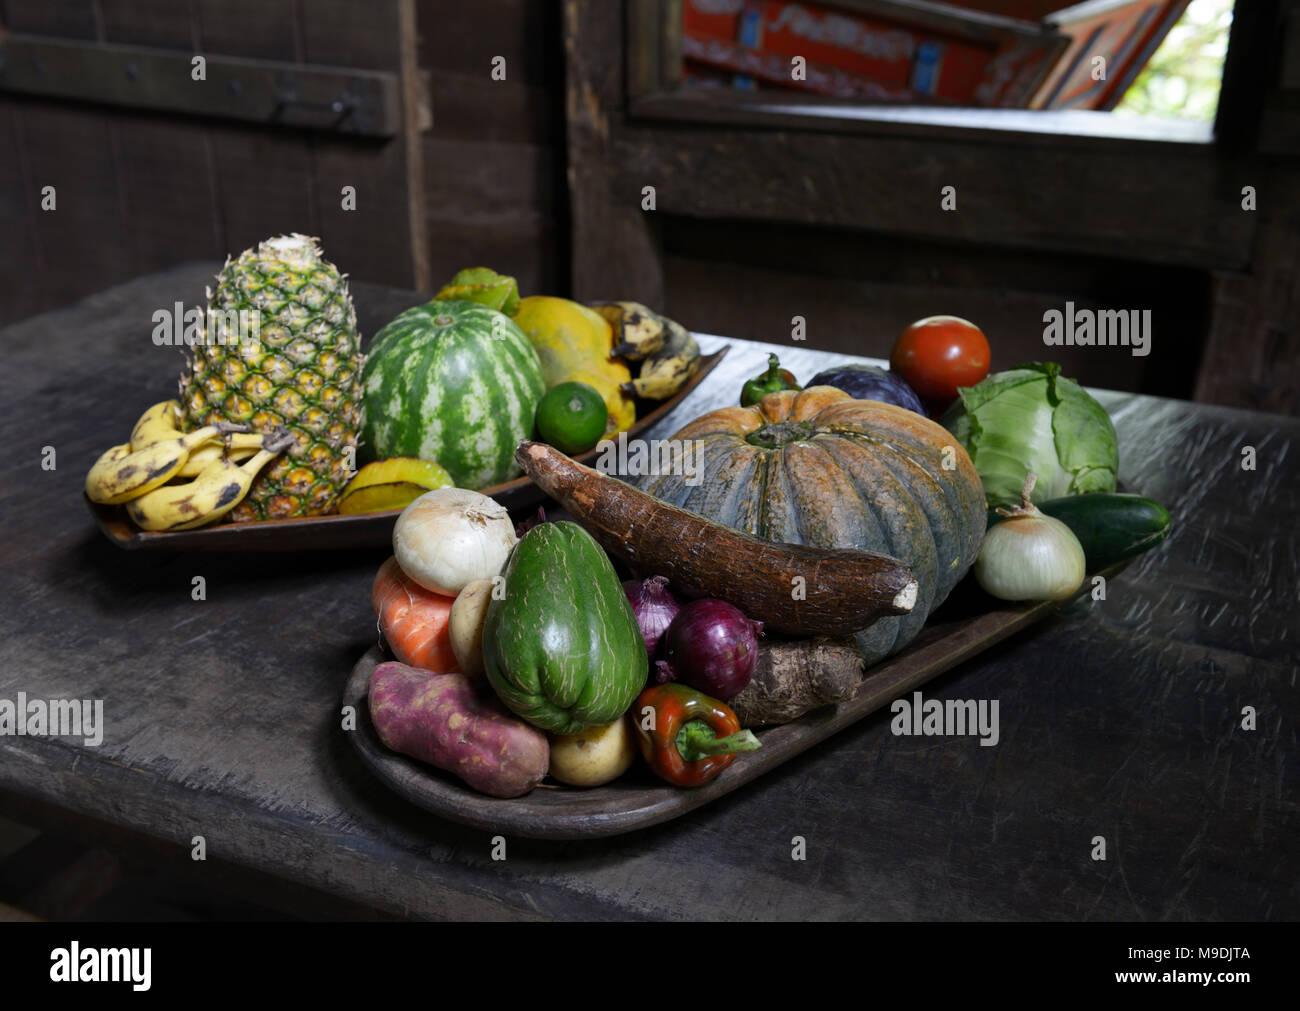 Les fruits et légumes traditionnels sur une table dans une maison, Costa Rica Photo Stock